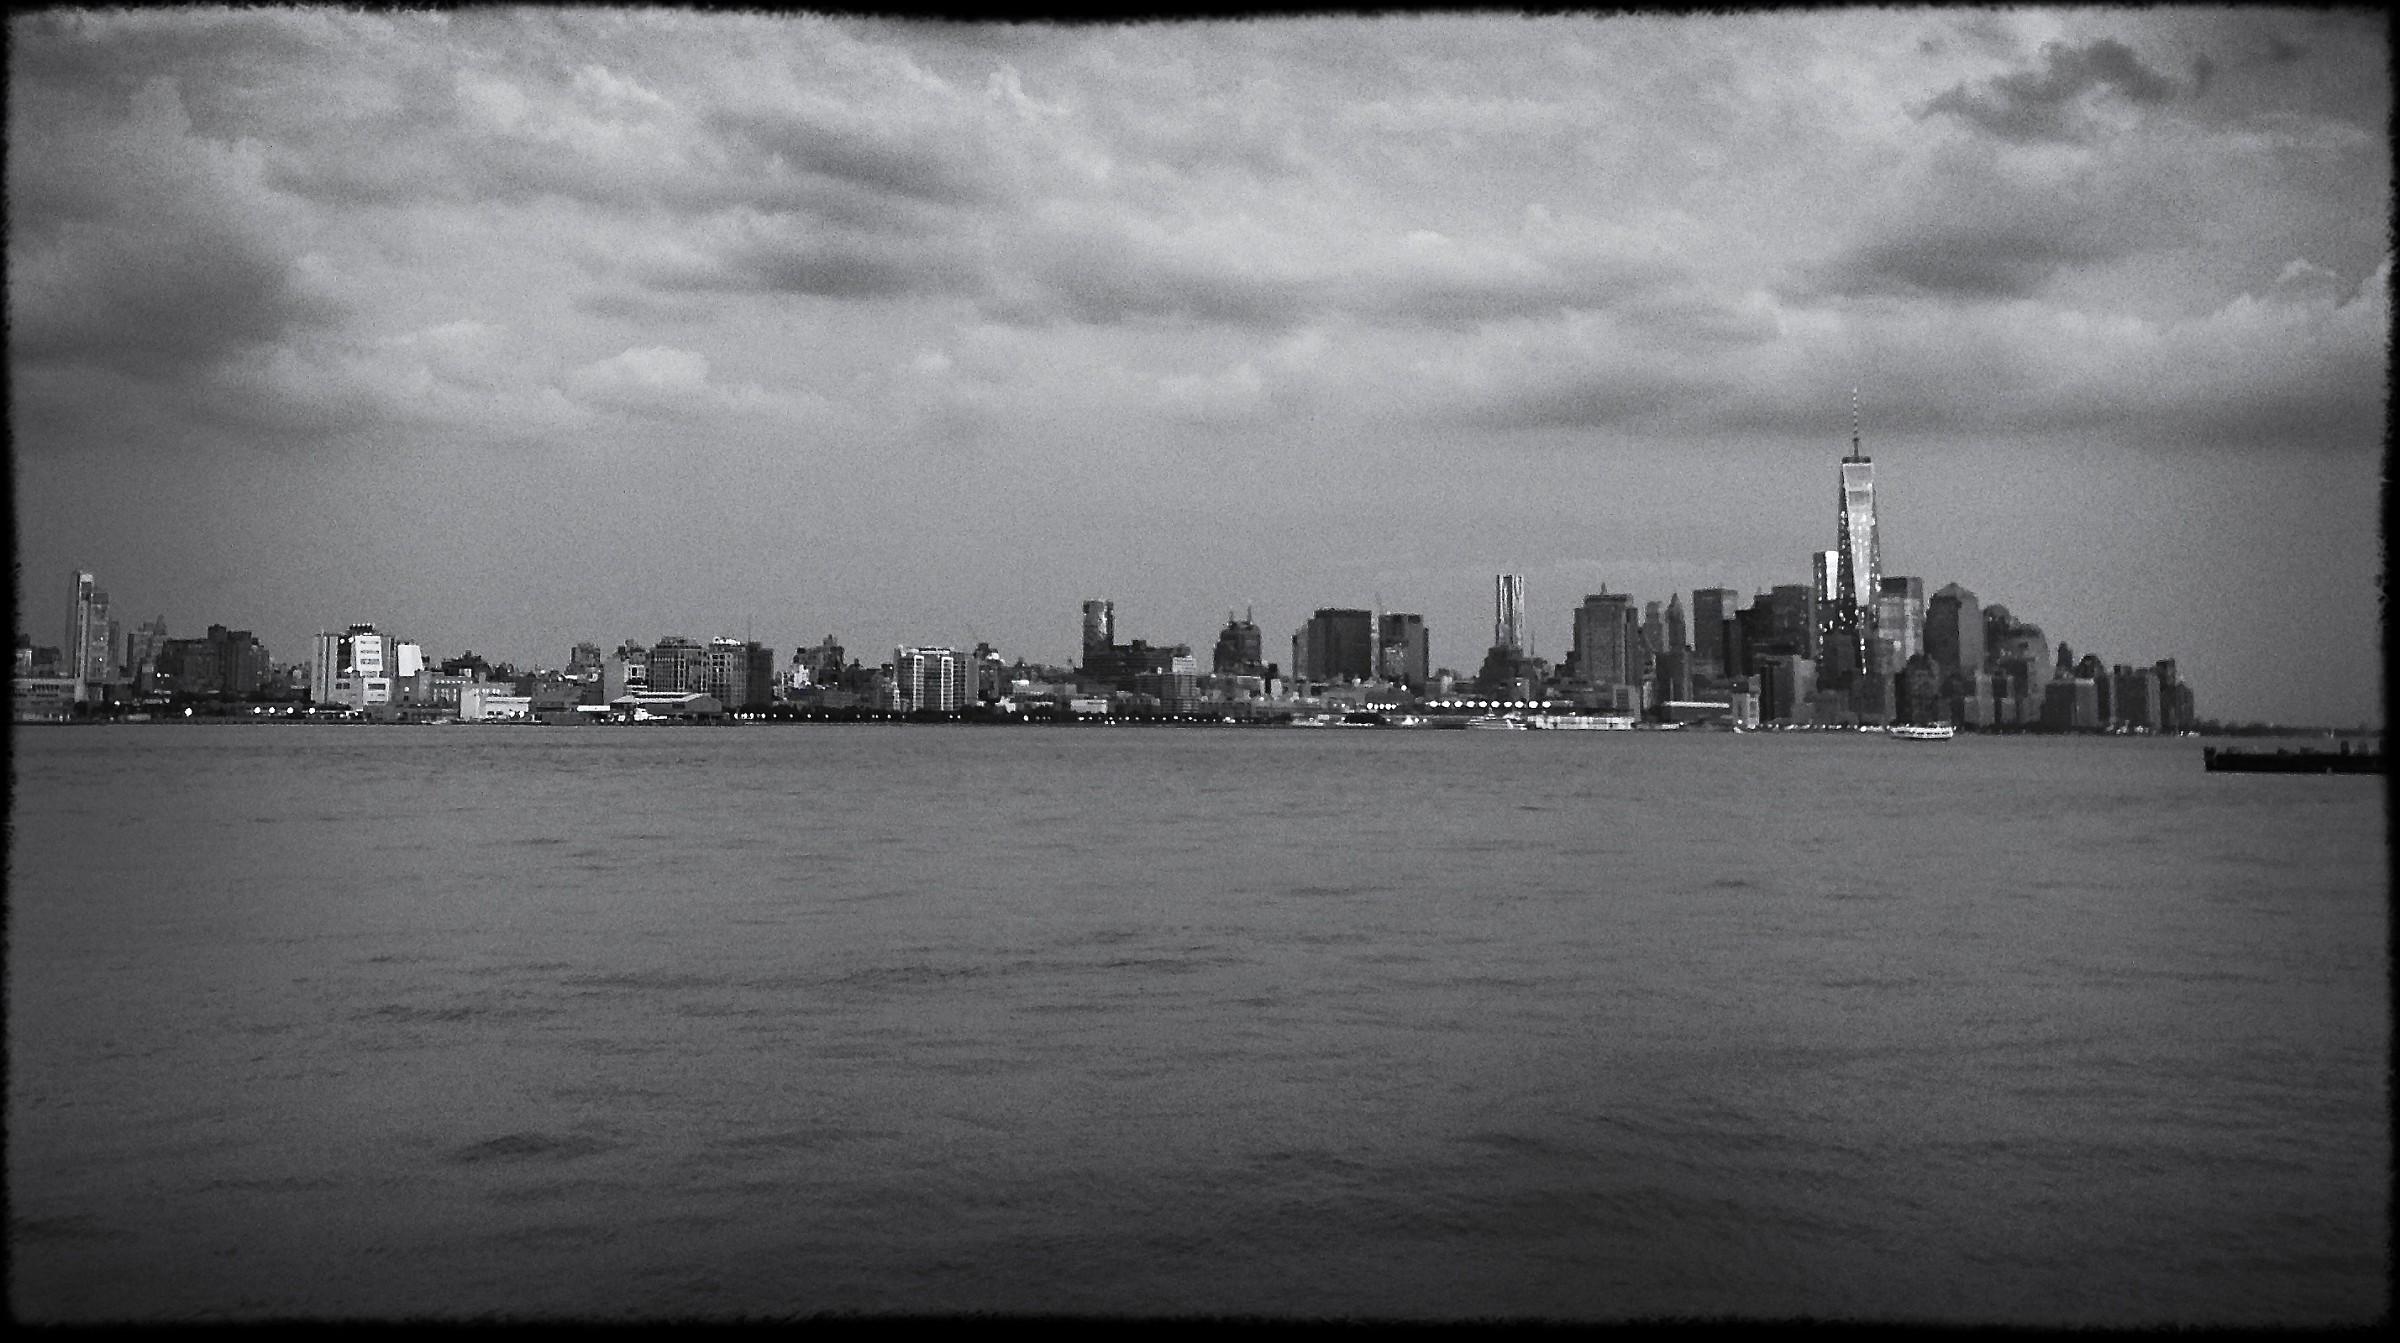 Freakin' nice skyline...